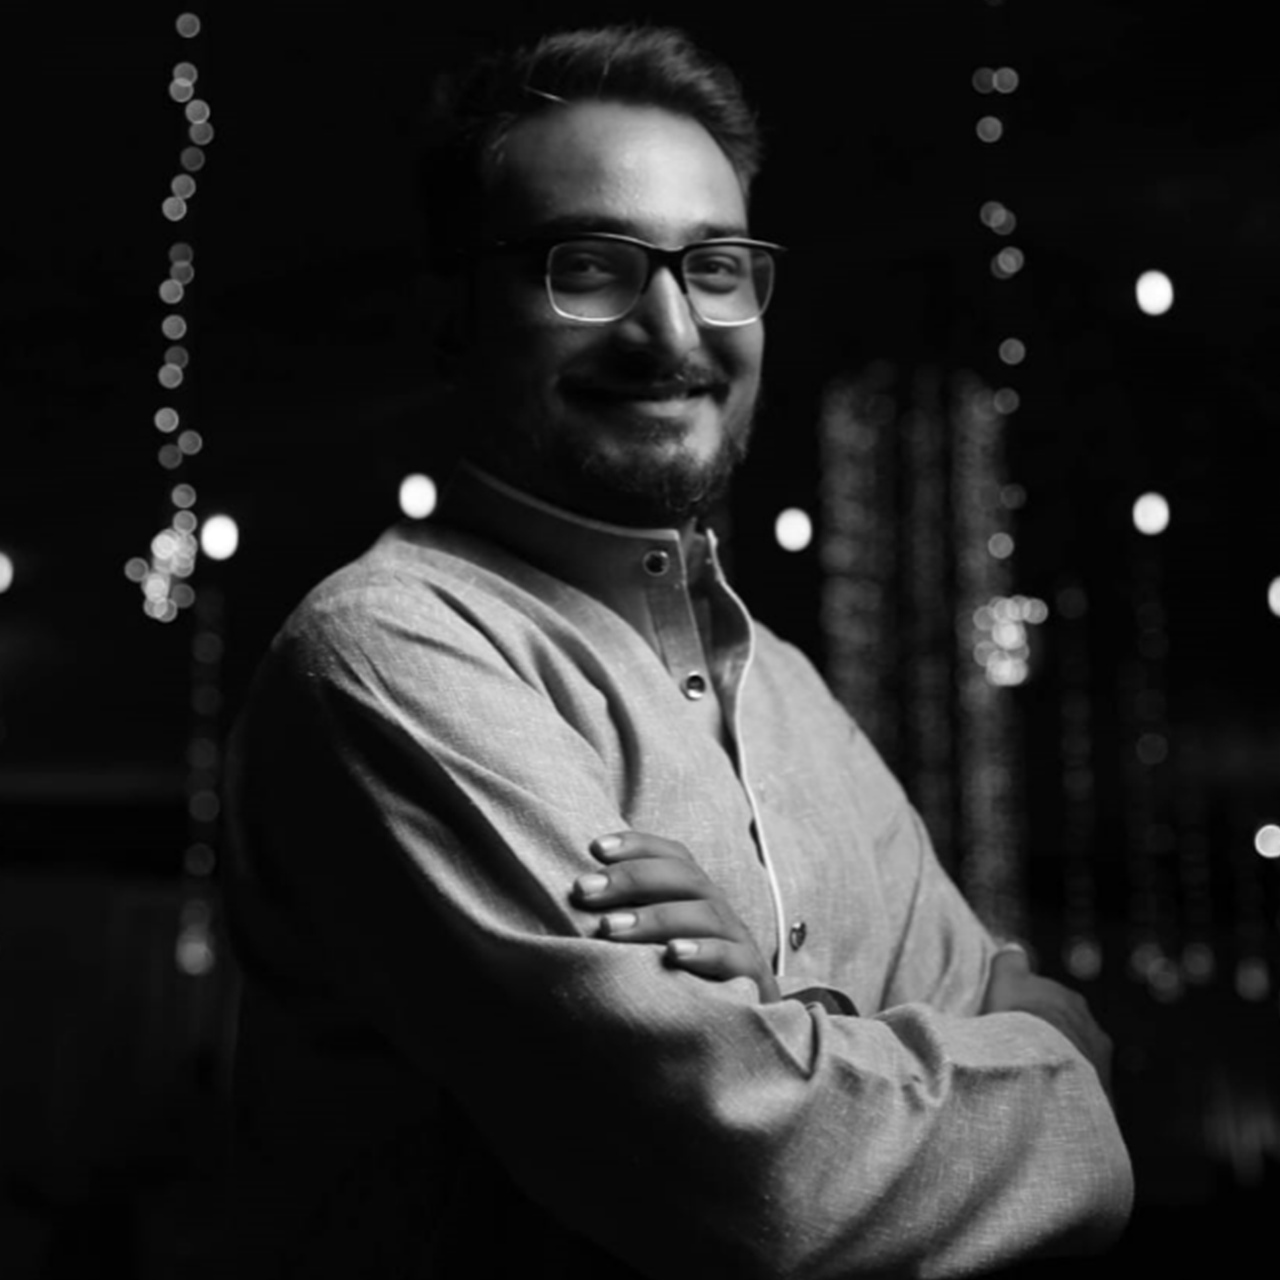 Abul Abbas<br>Videographer/<br>Photographer